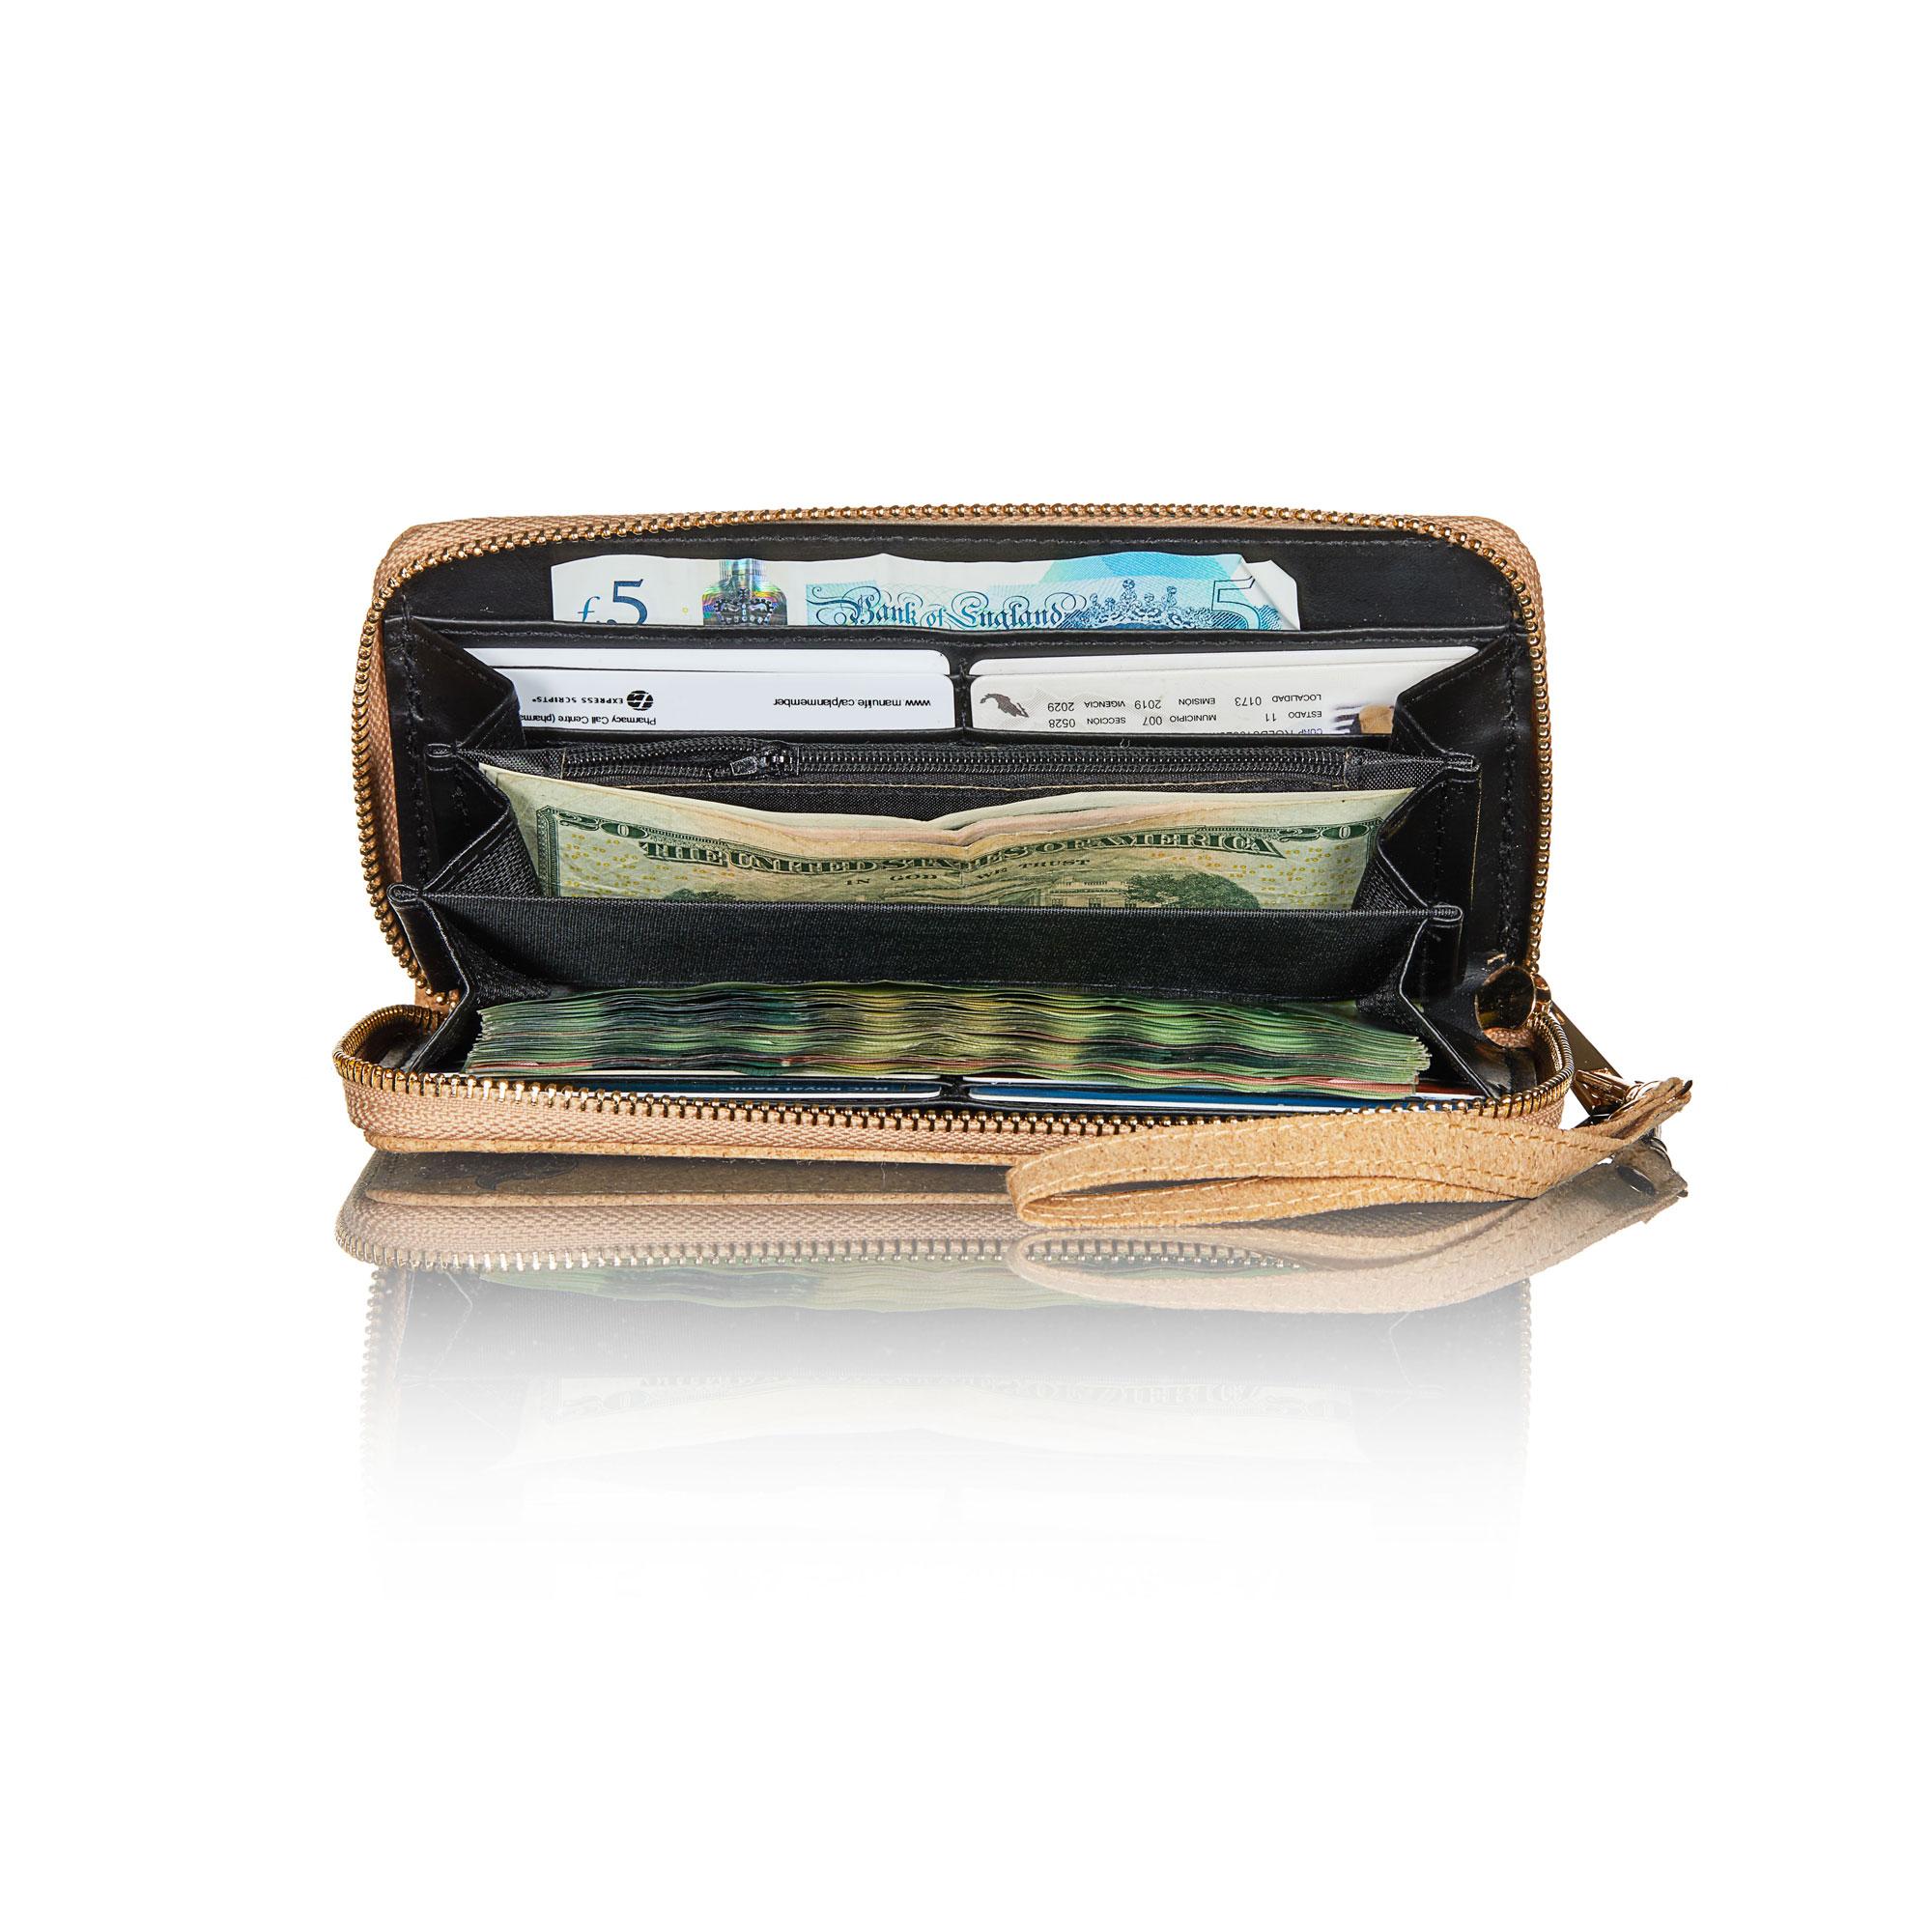 Frida ECO wallet inside.